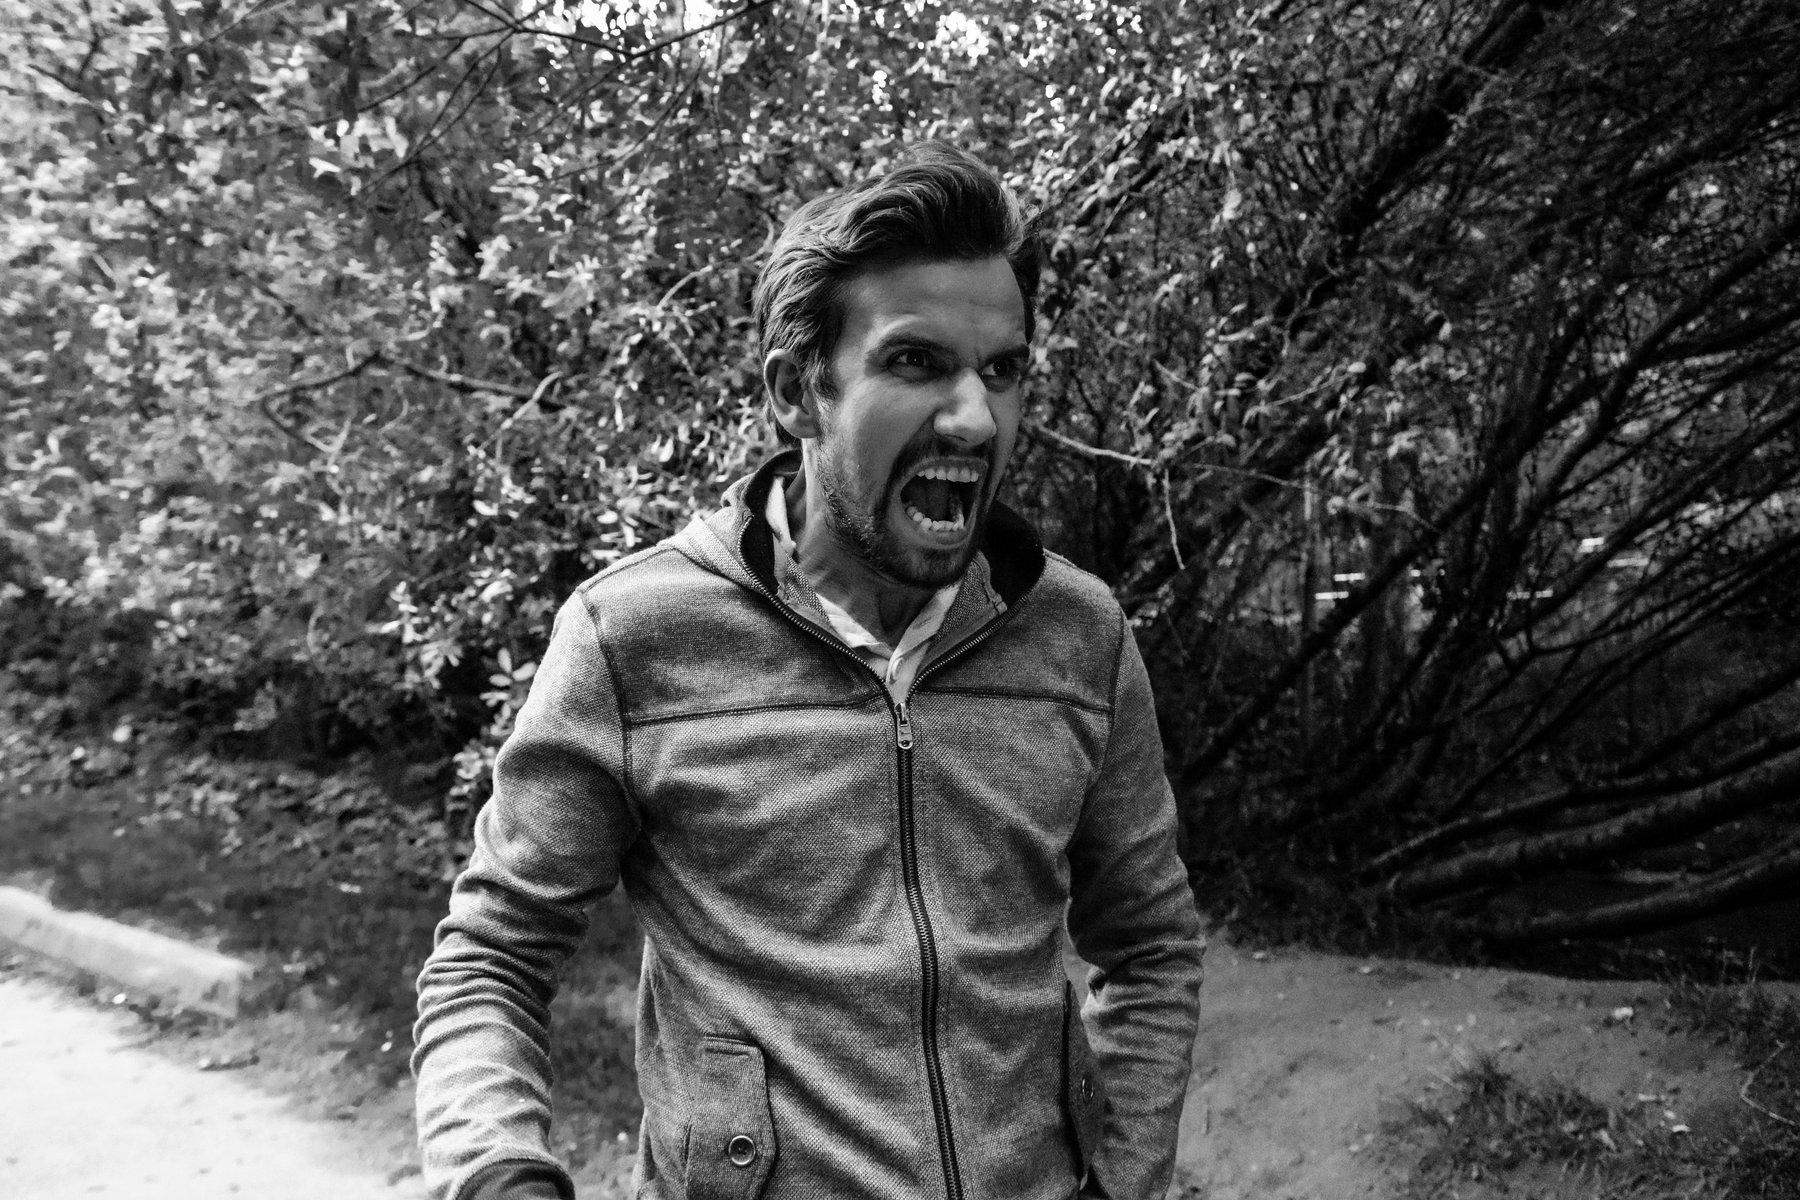 Foto preto e branco de um homem gritando